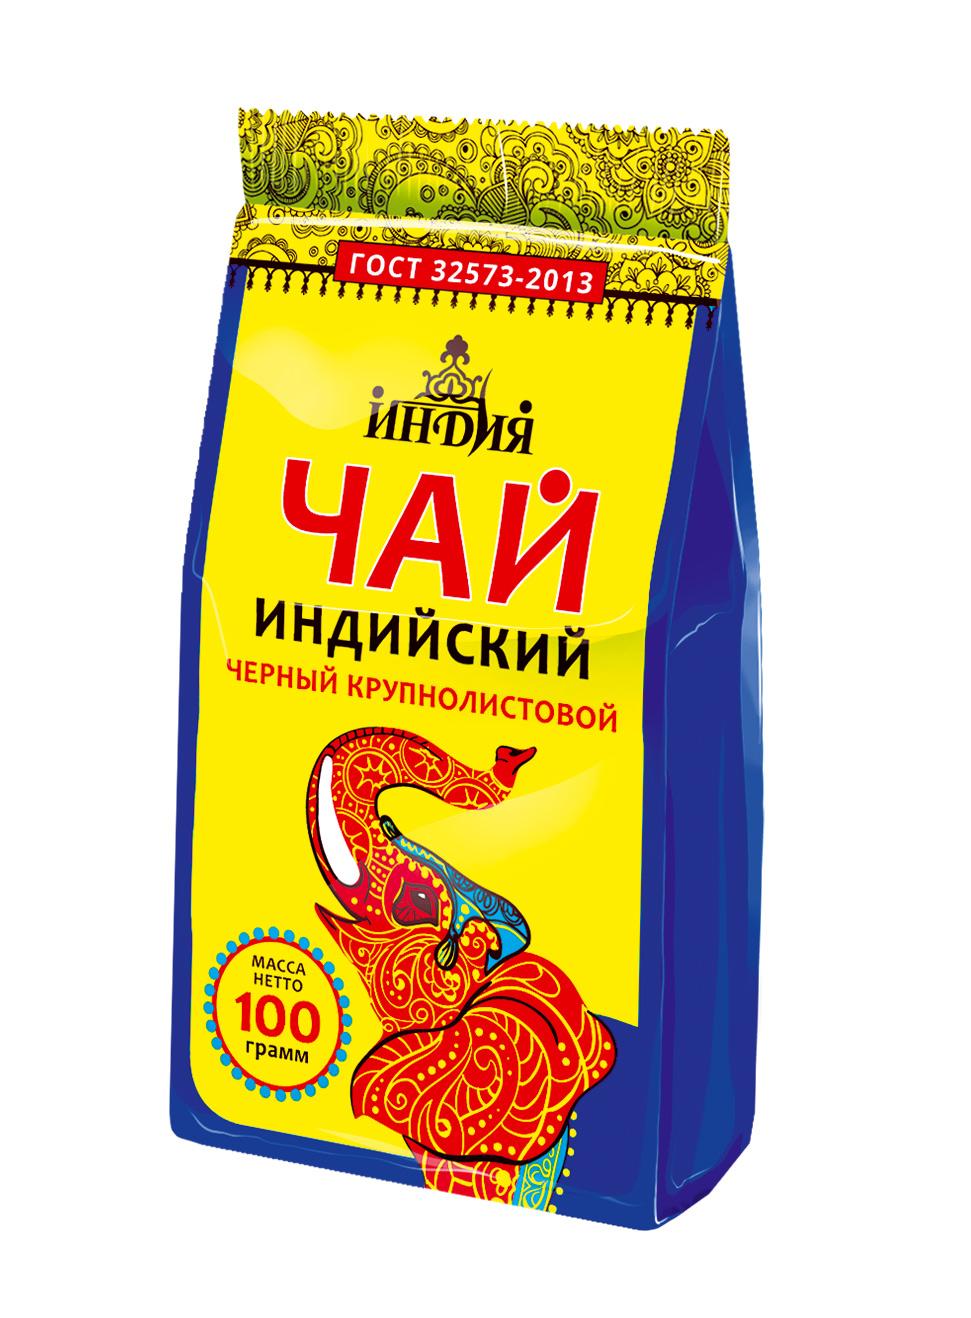 Картинка Чай черный крупнолистовой ИНДИЯ